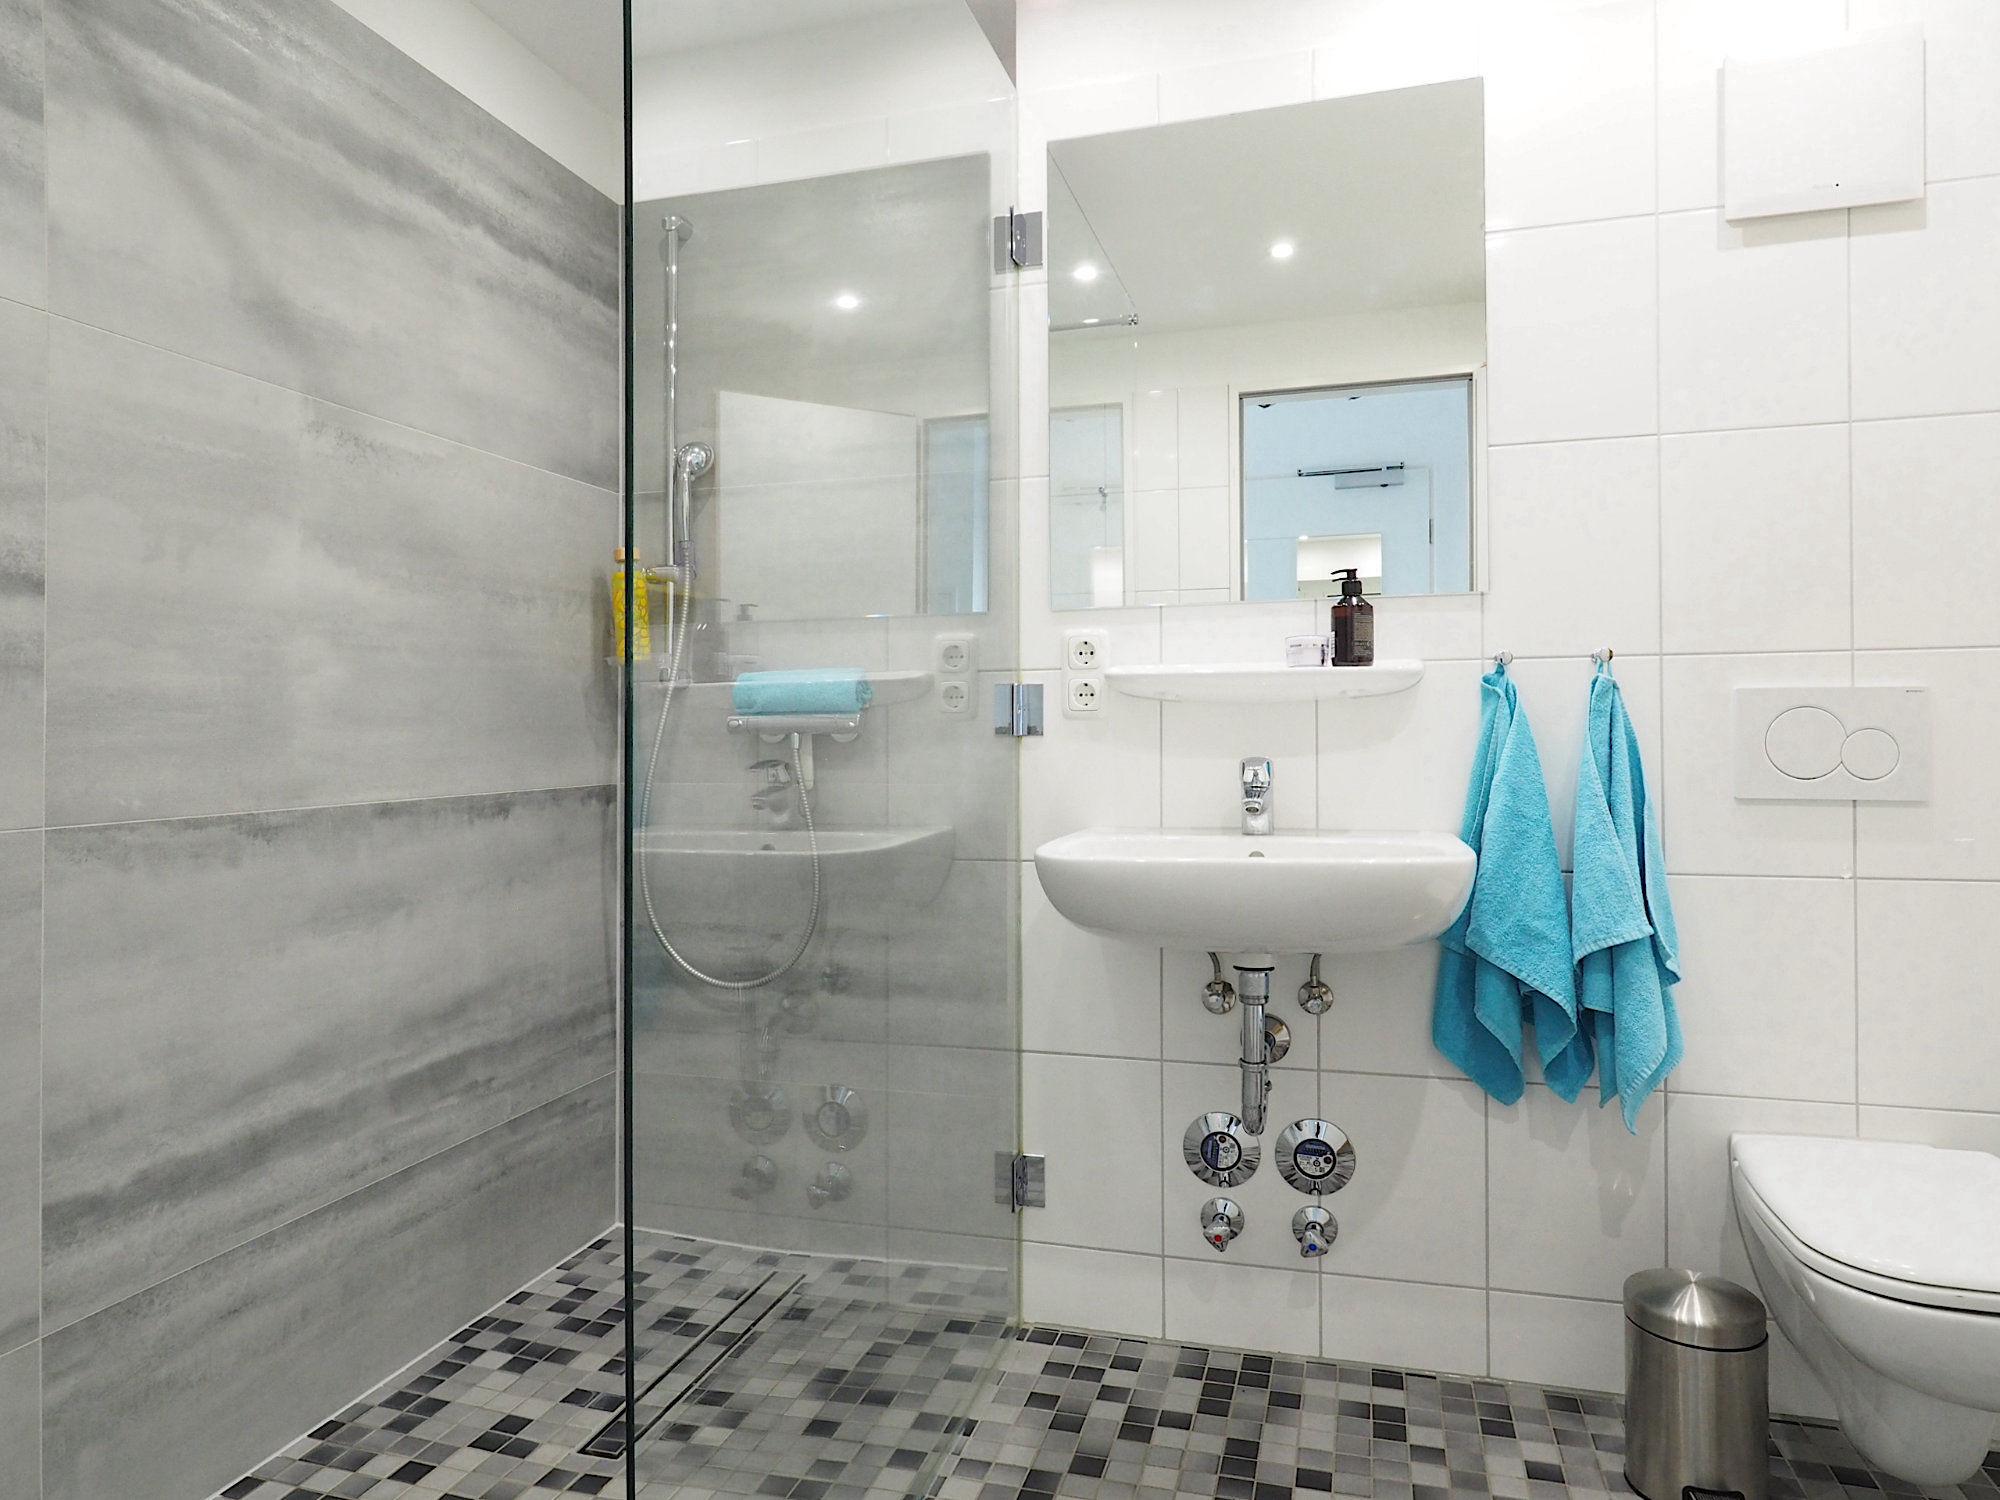 Duschbad mit bodentiefer Dusche, Waschbecken, WC